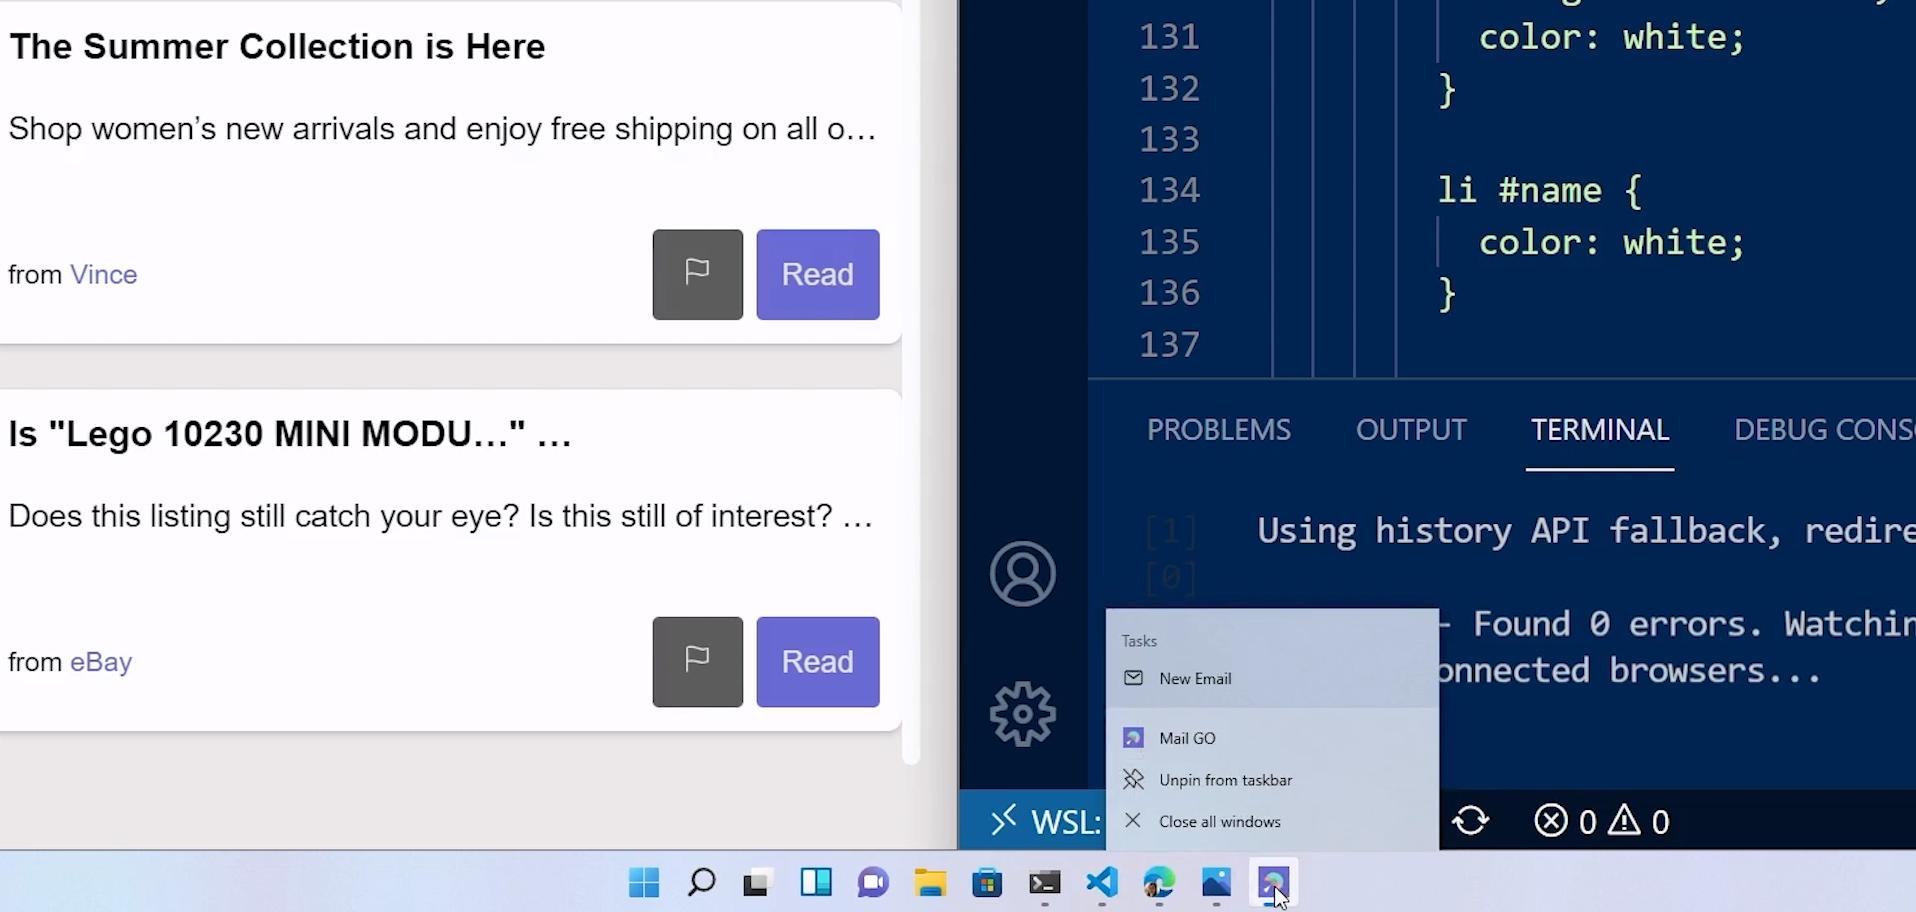 ярлыки прогрессивных веб-приложений, интегрированные в Windows